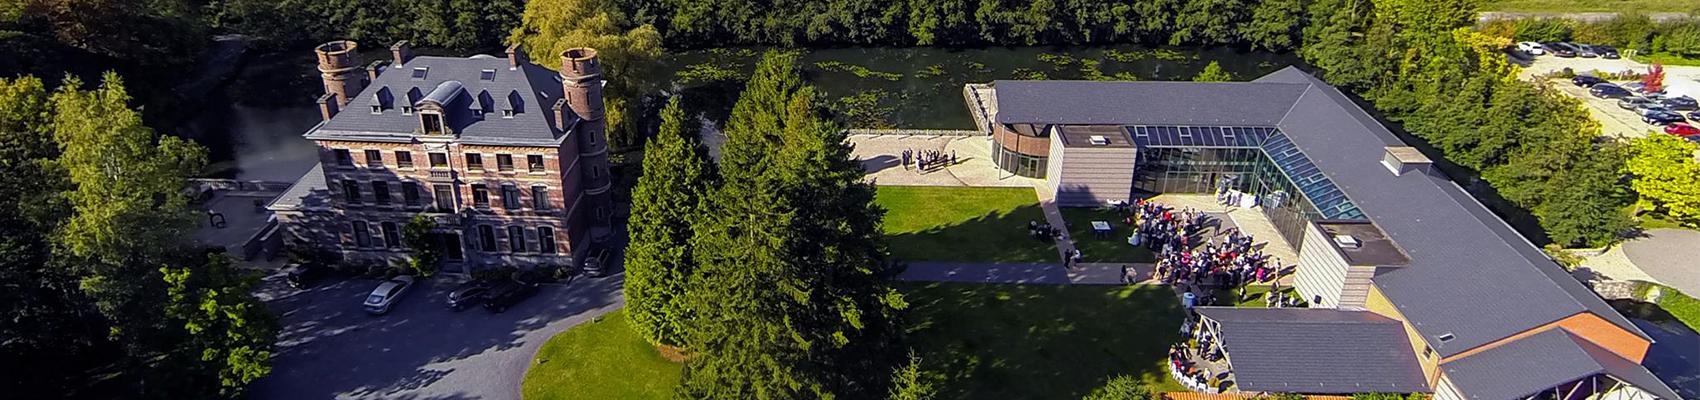 Location Salle De Mariage Reception Reunion En Mouscron